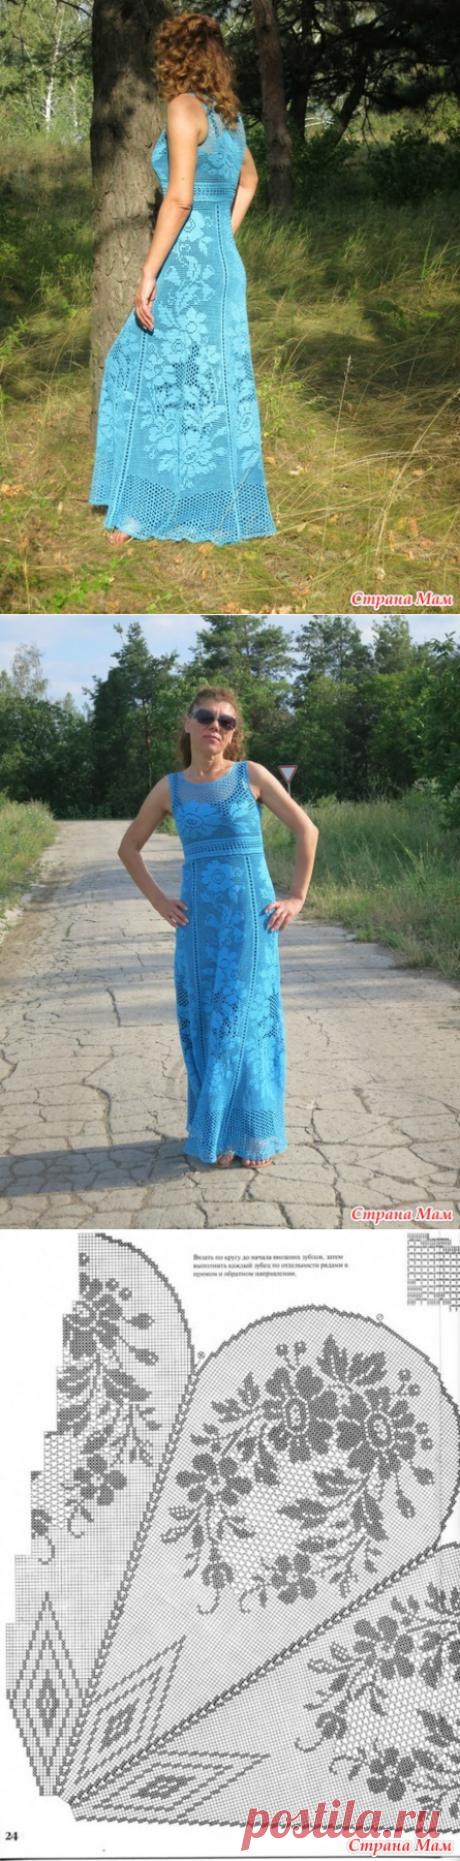 платье в пол филейкой от Alisa35